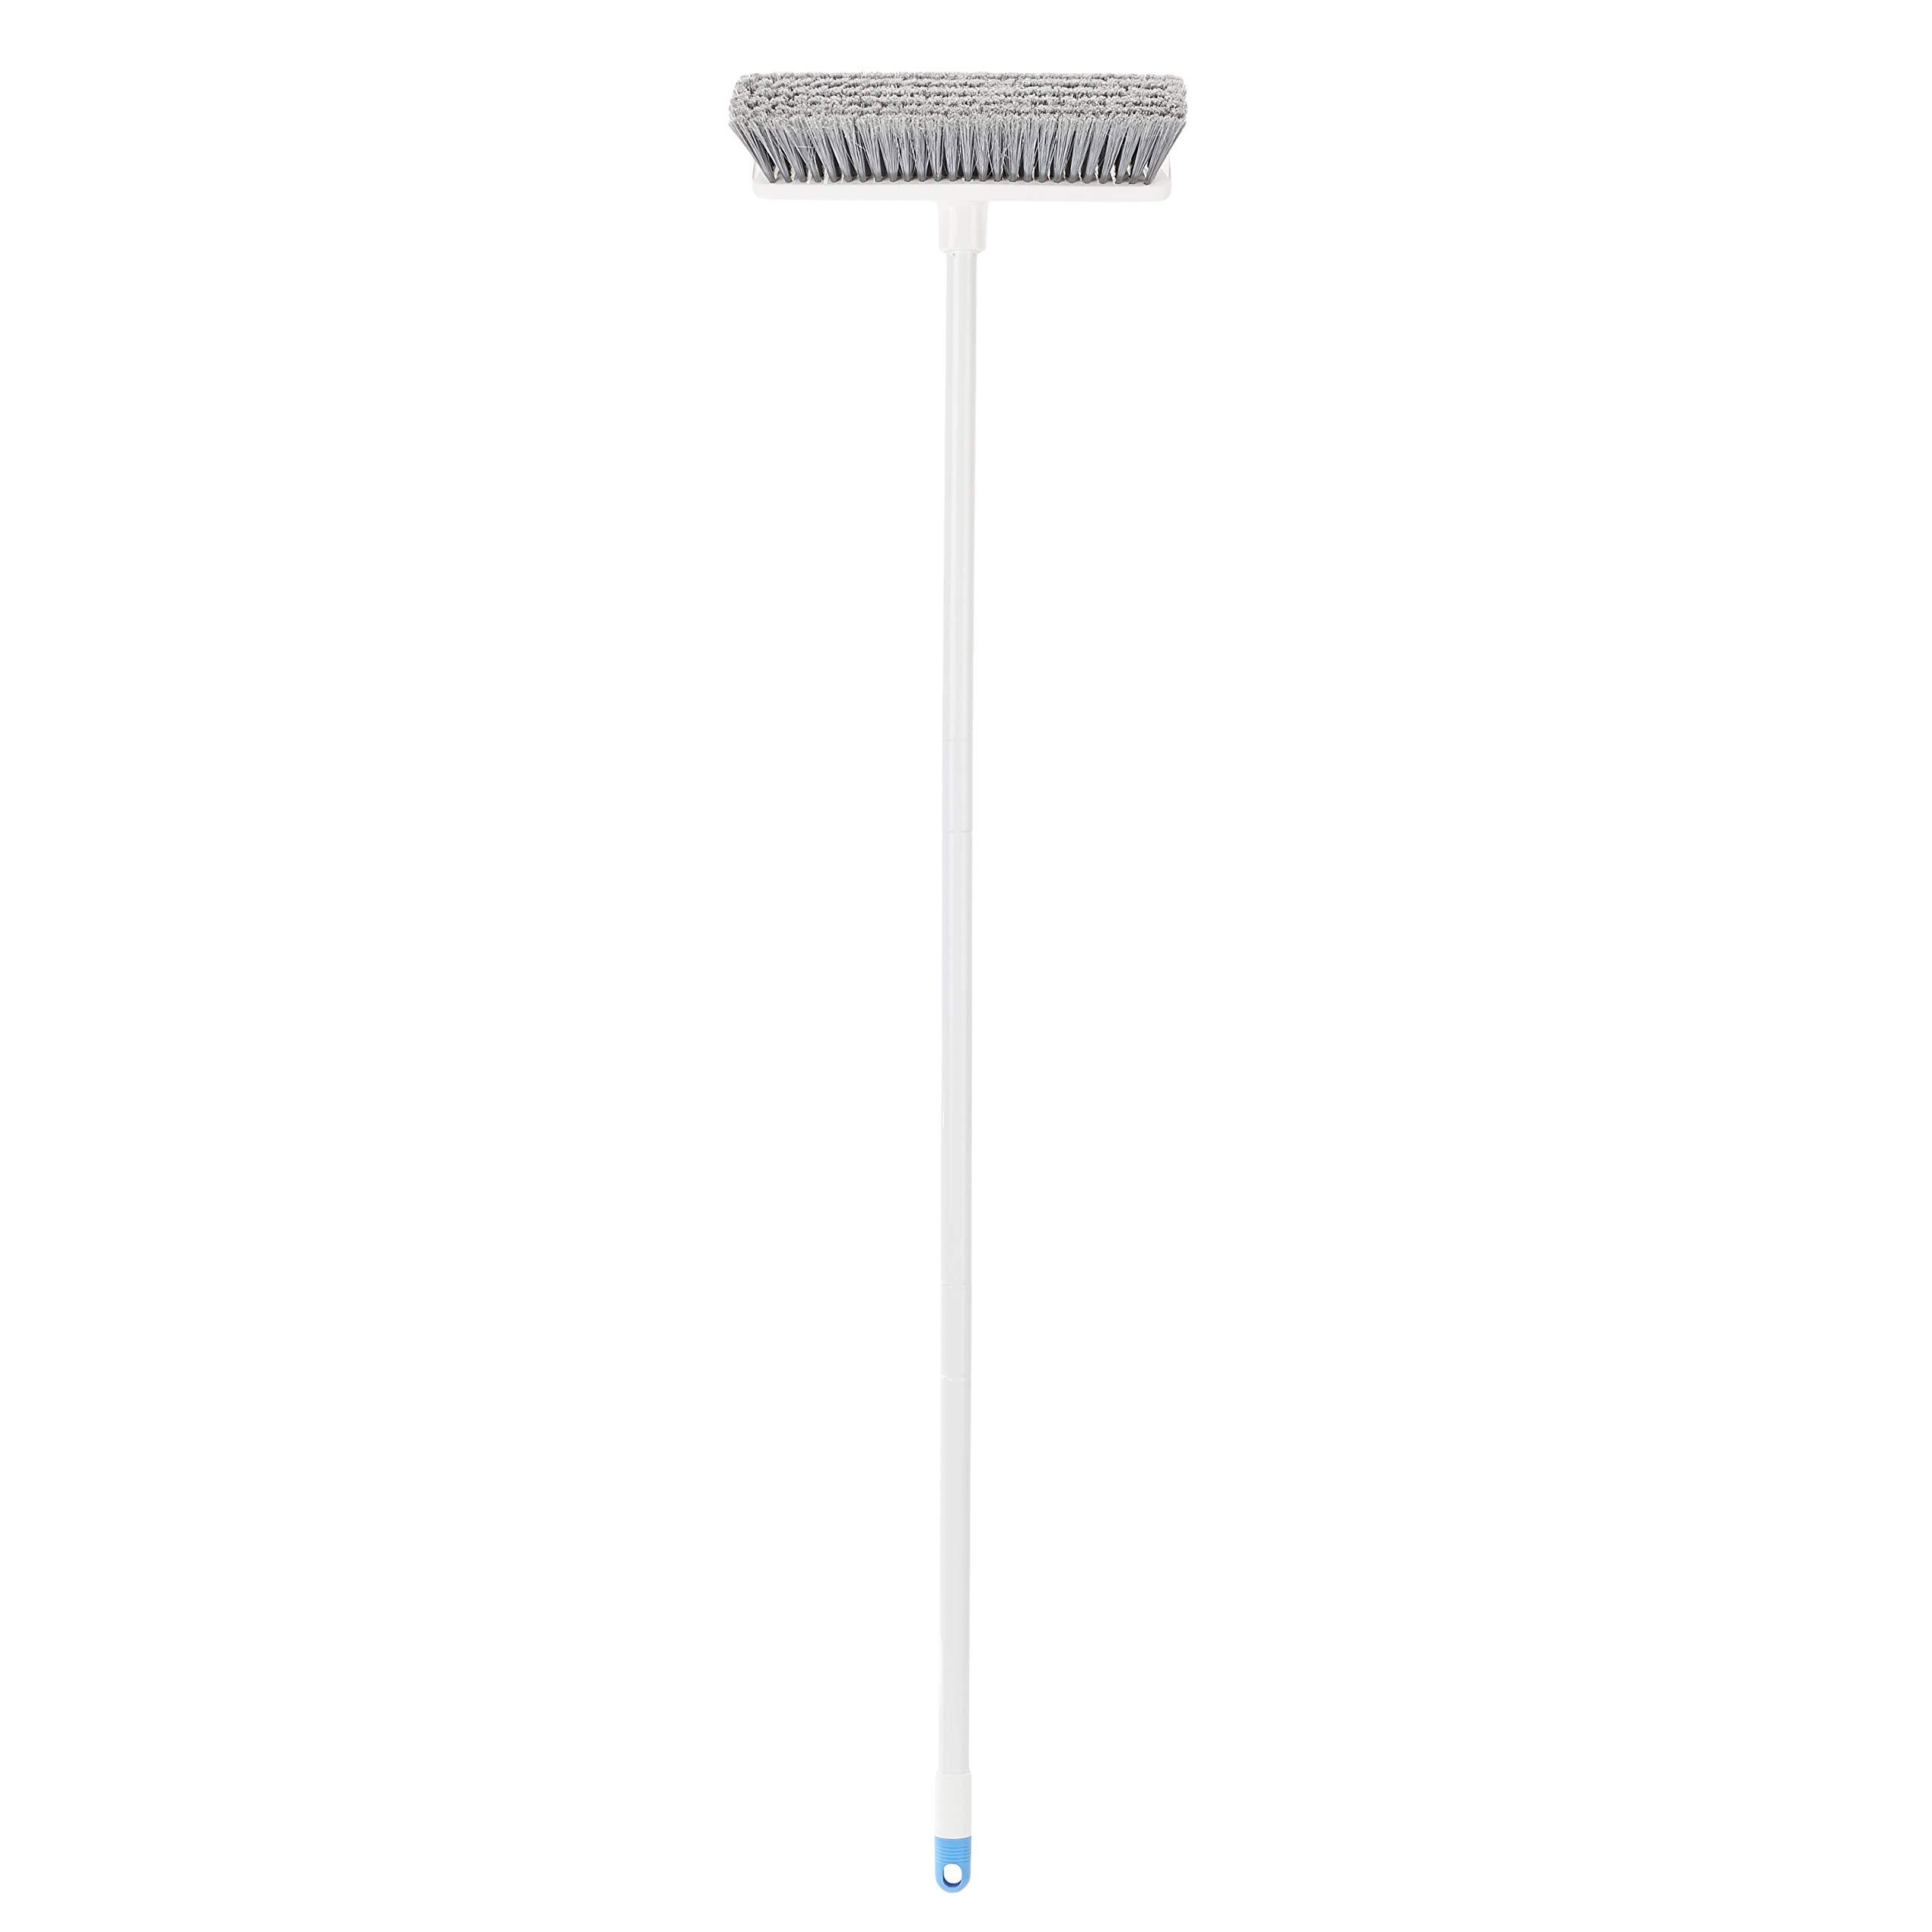 AmazonBasics Angled Push Broom, Blue&White